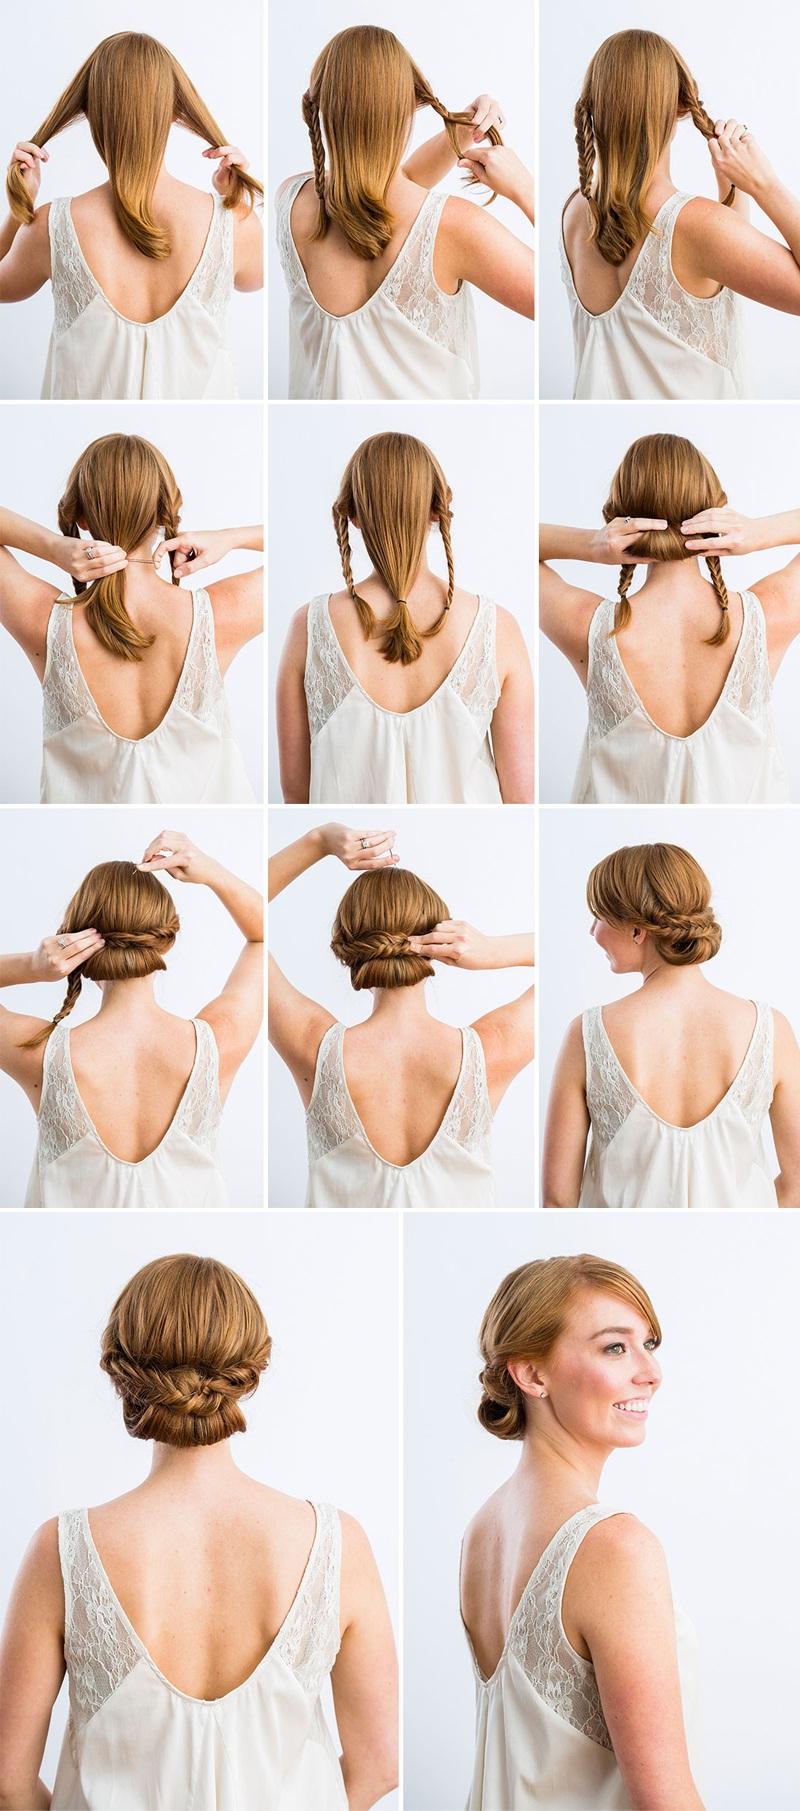 coiffures-de-mariage-9